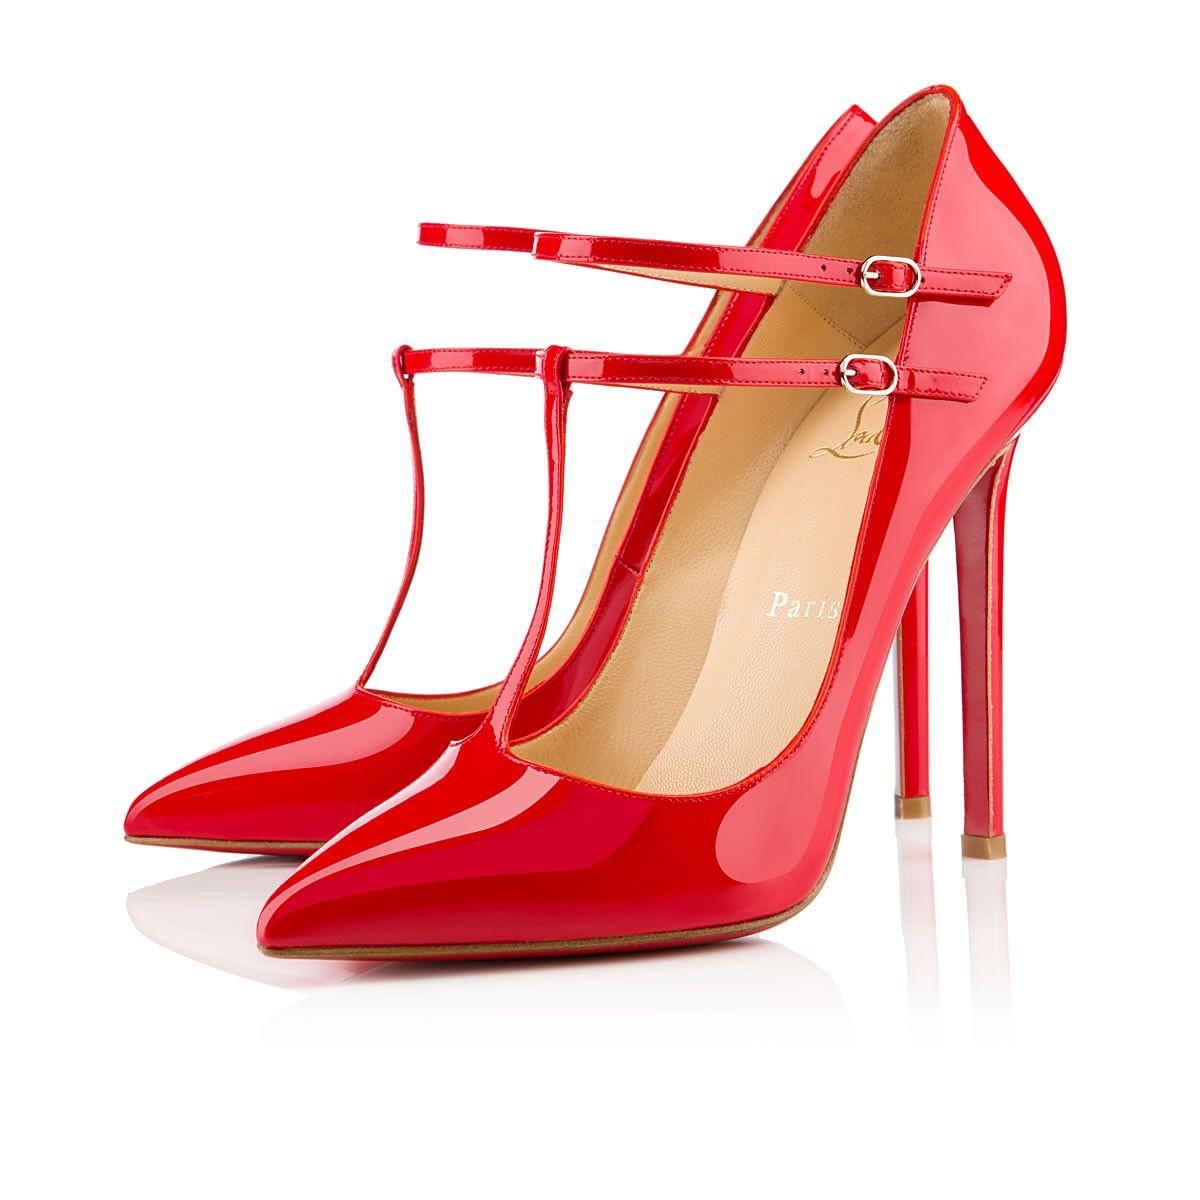 Contro la violenza sulle donne, scarpe rosse, belle, con anche la suola rossa.